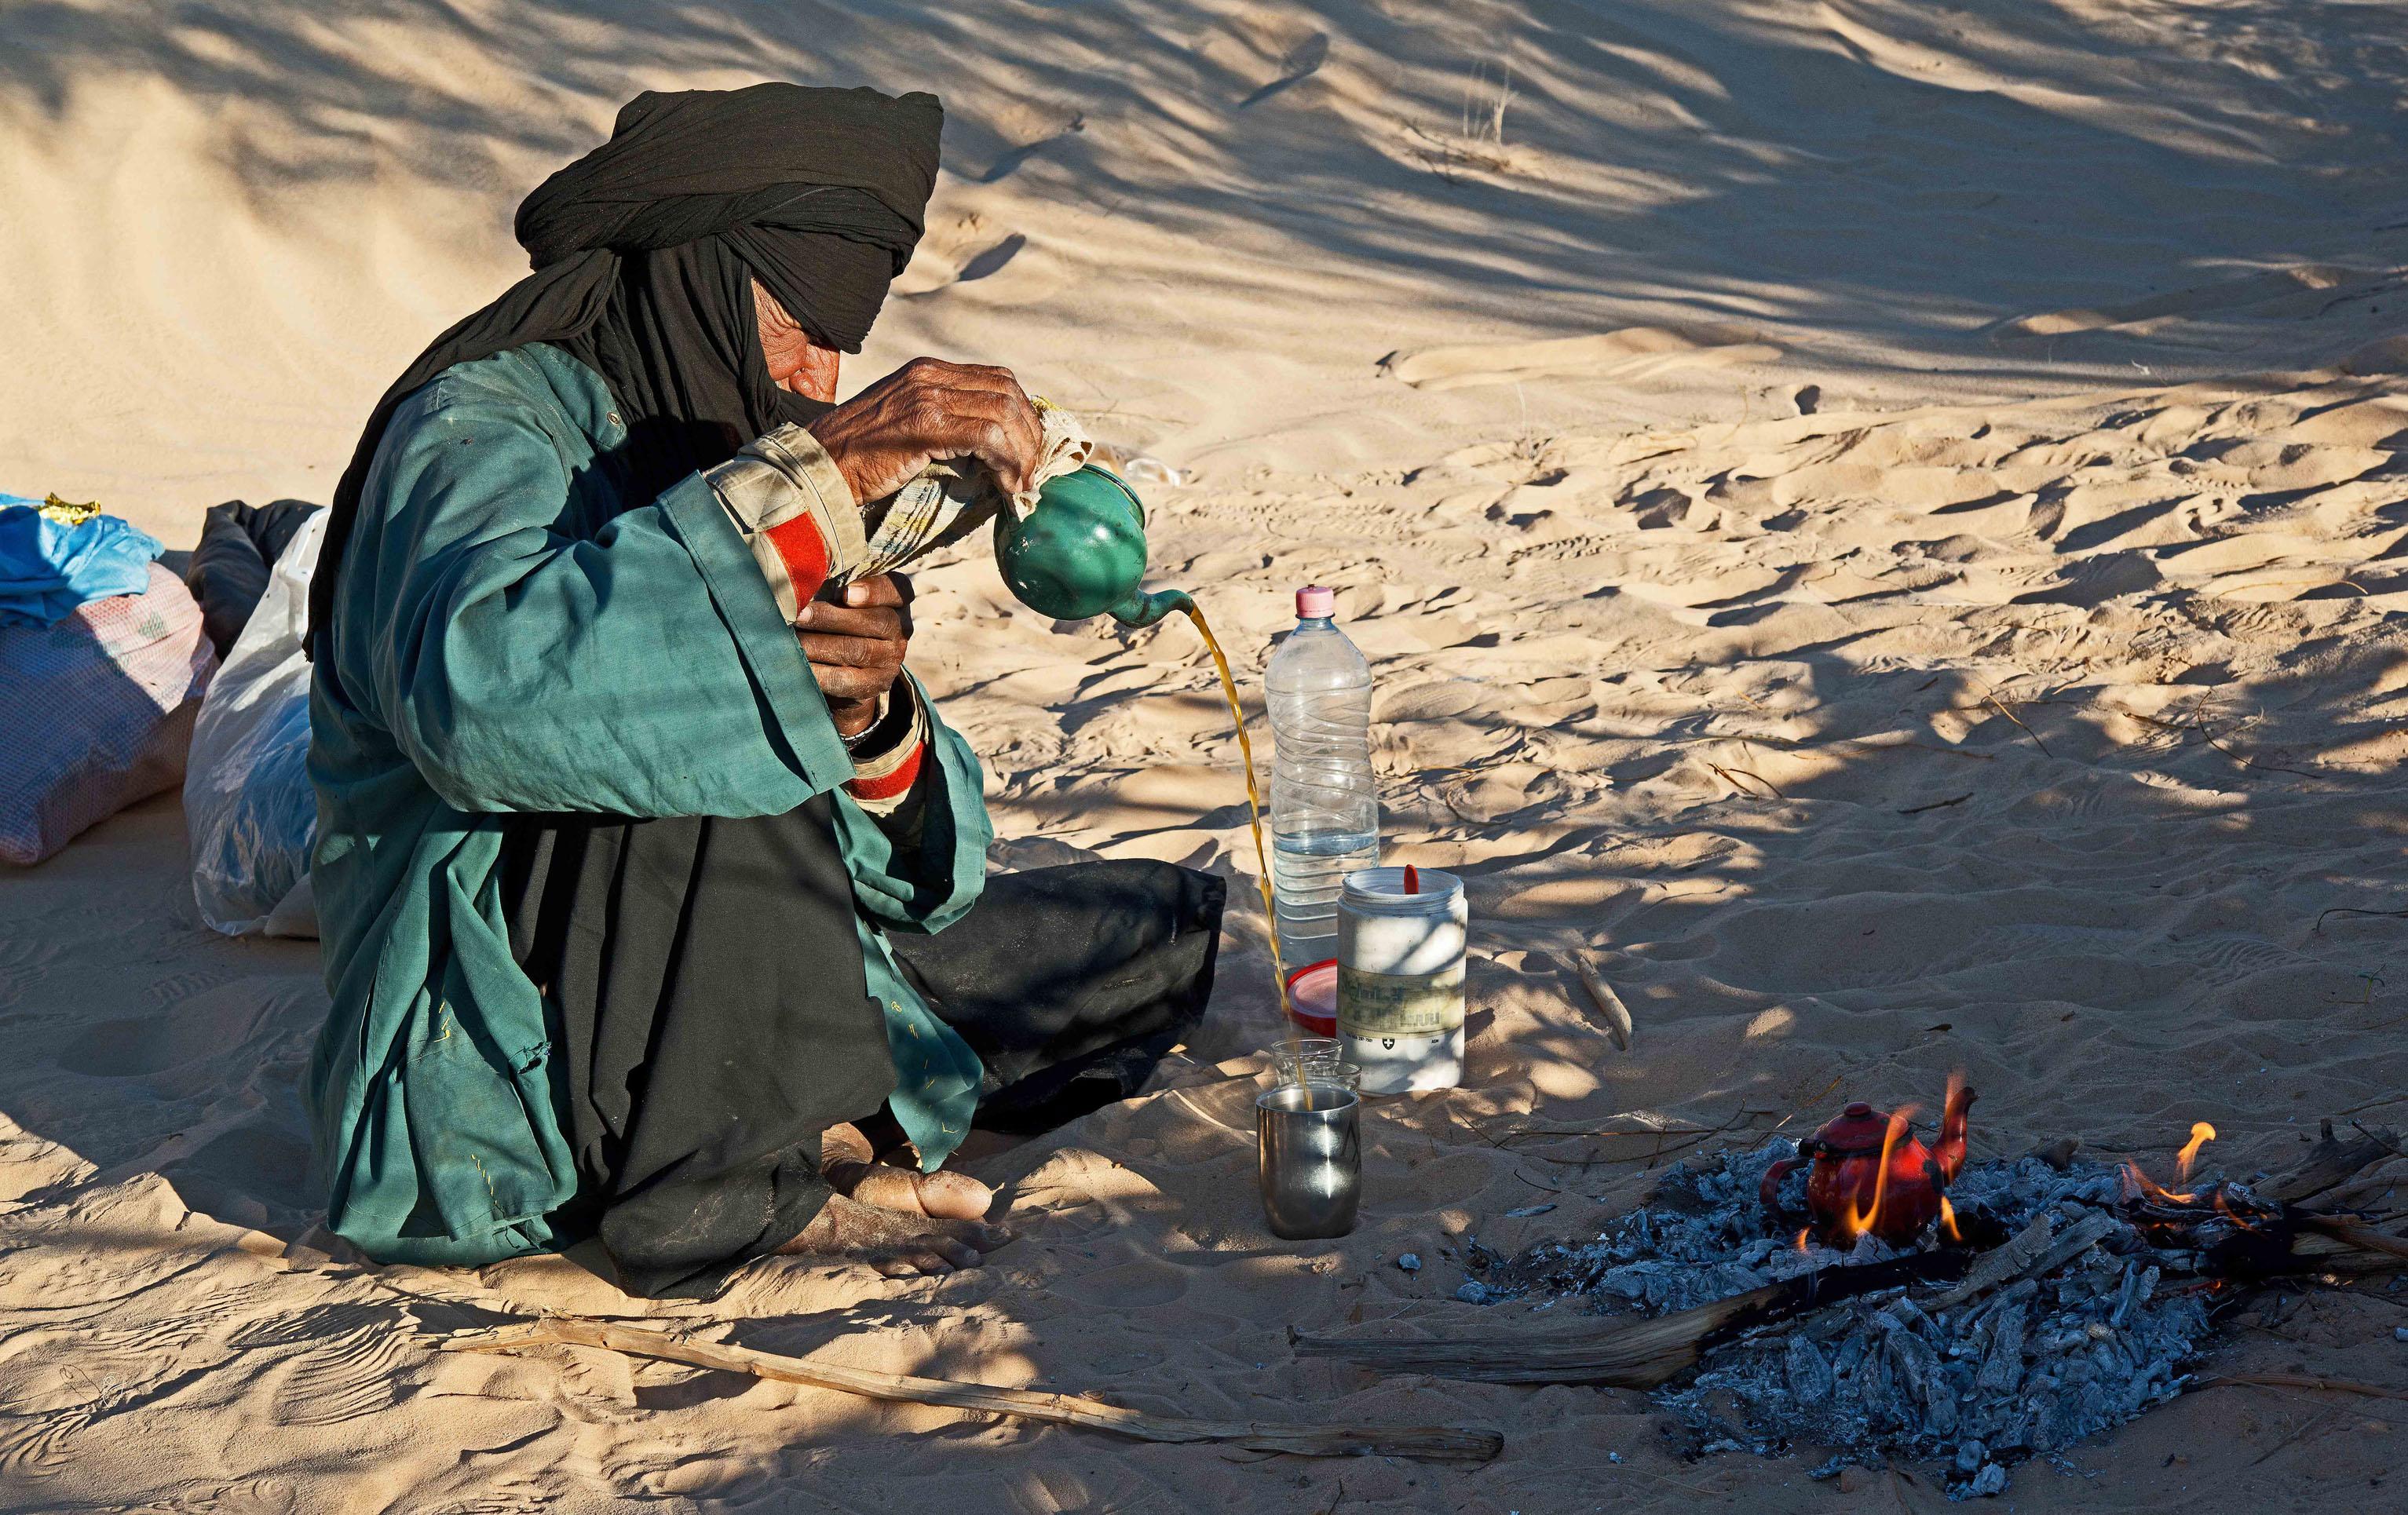 Tee Zeremonie, Sahara, Algerien